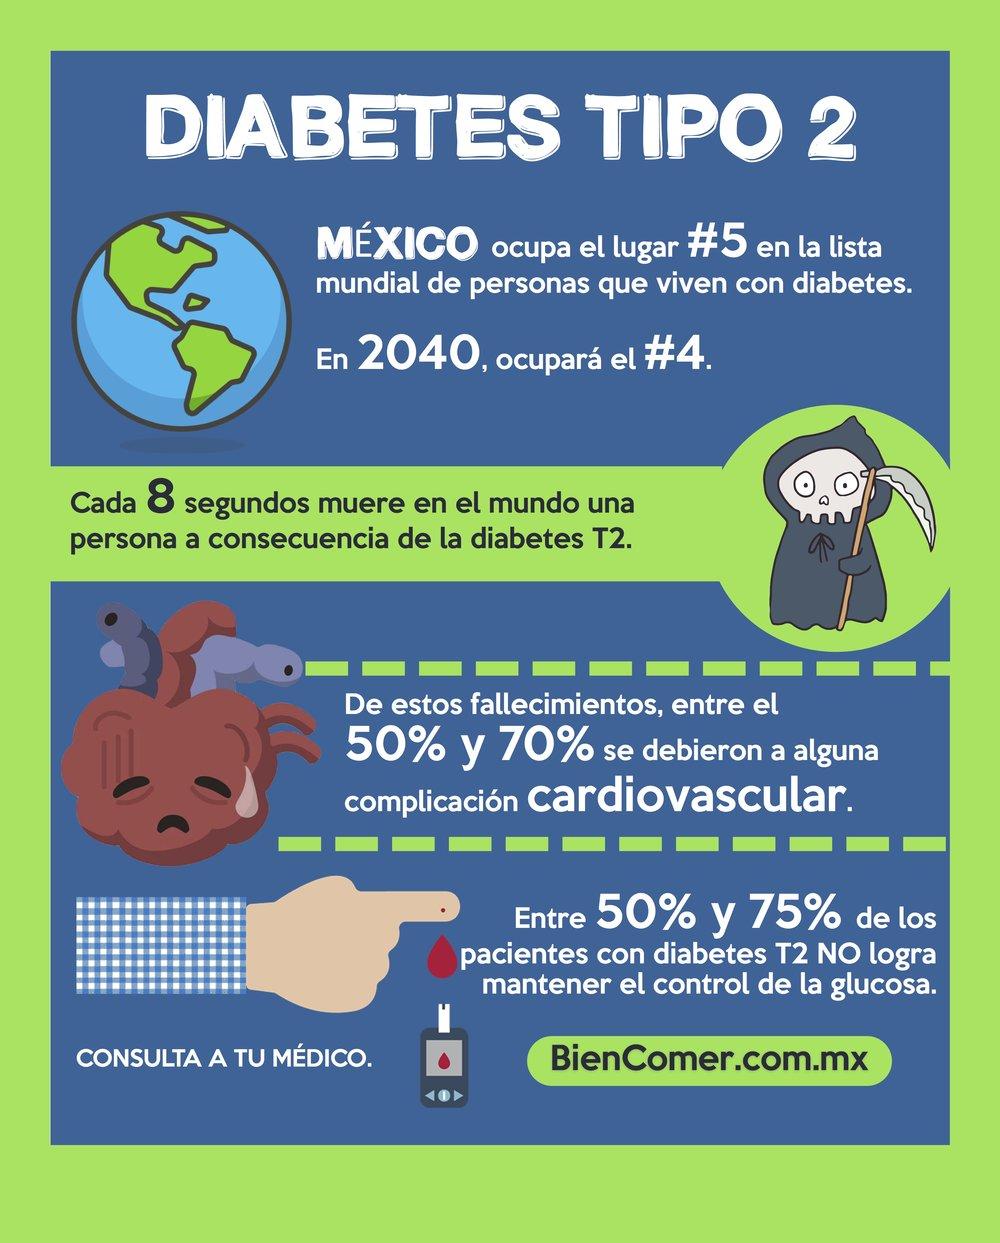 DiabetesT2 números.jpg